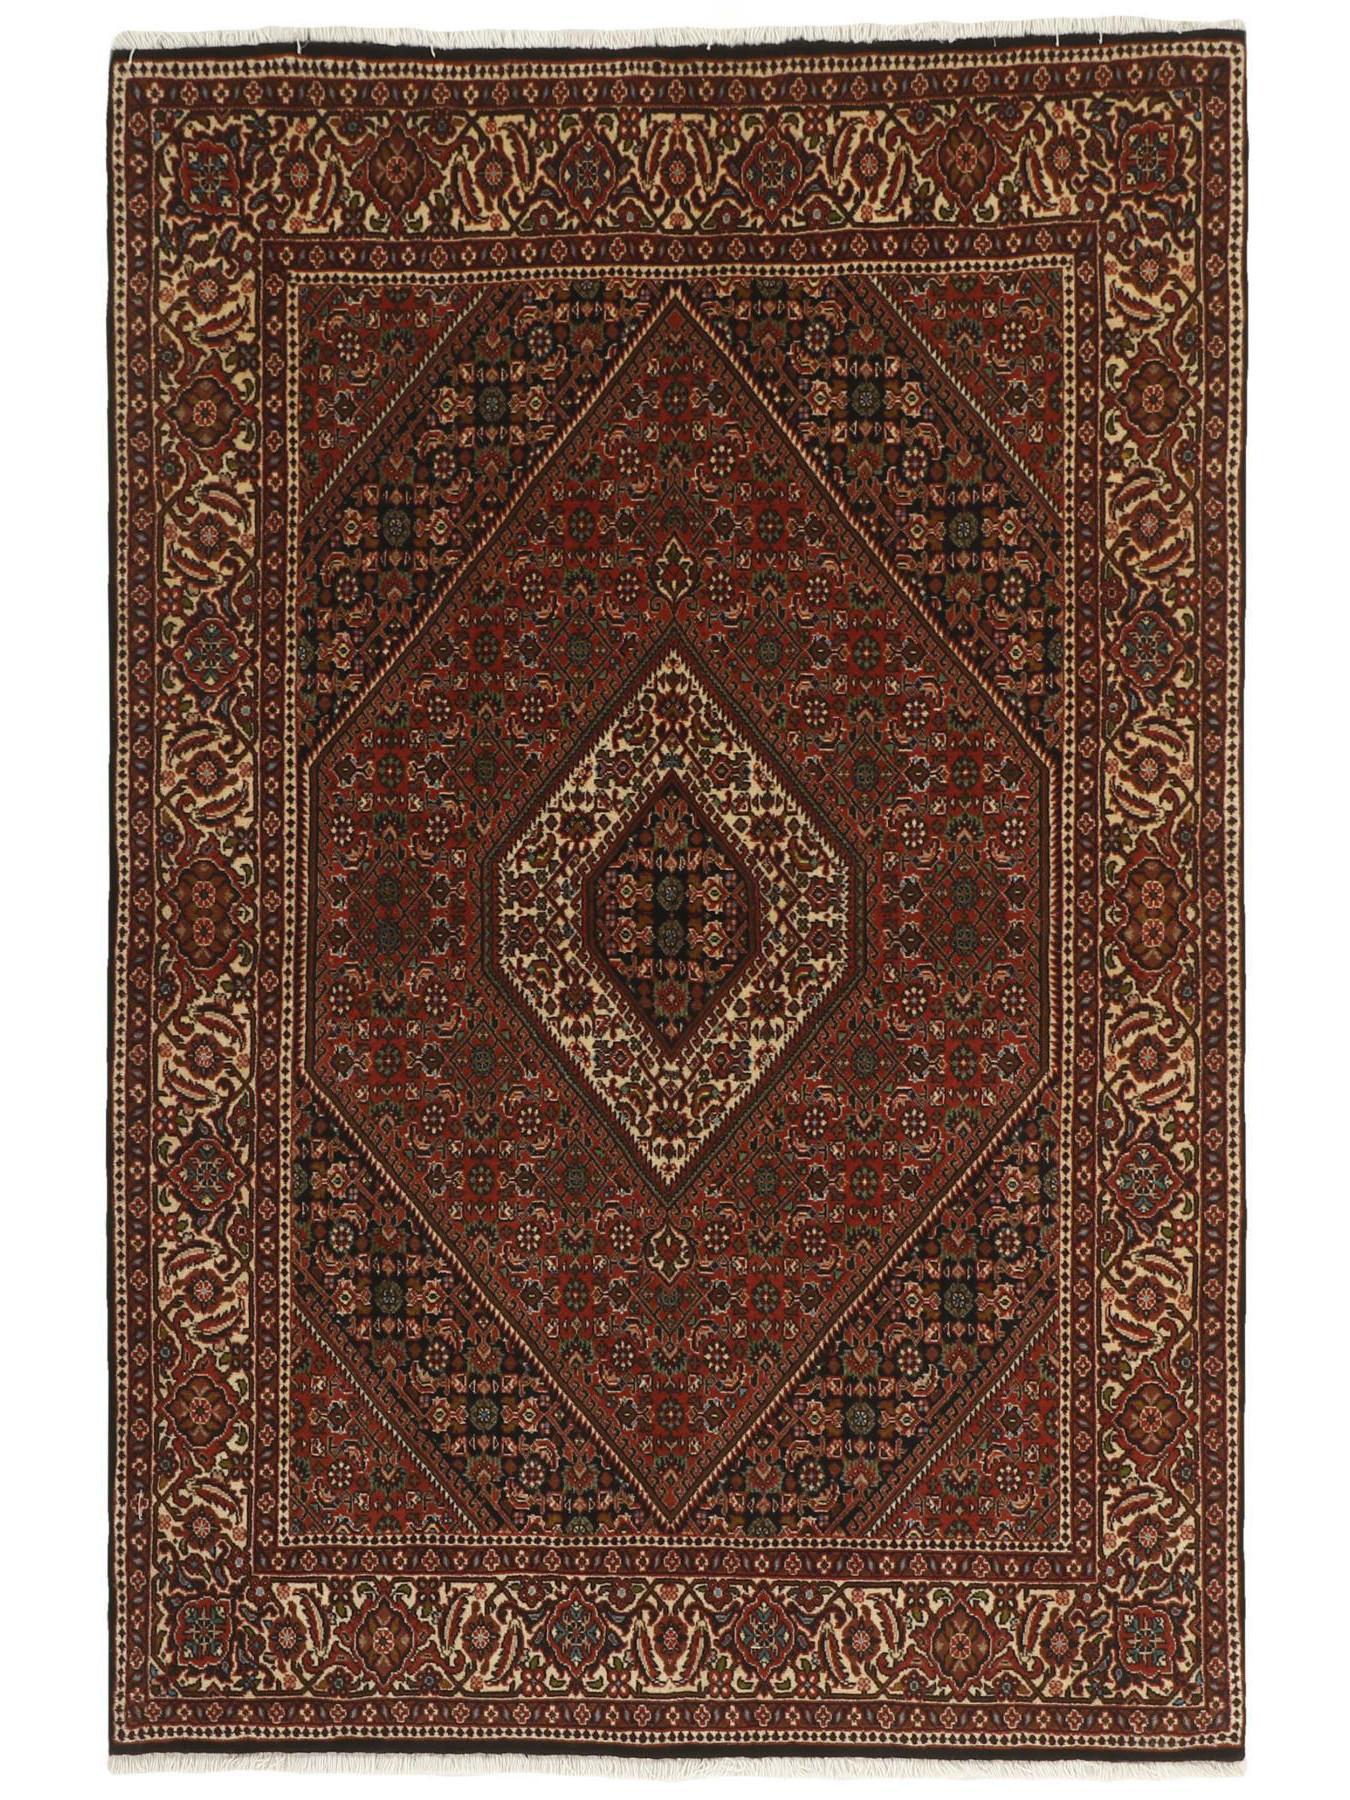 Tapis persans - Bidjar Zandjan